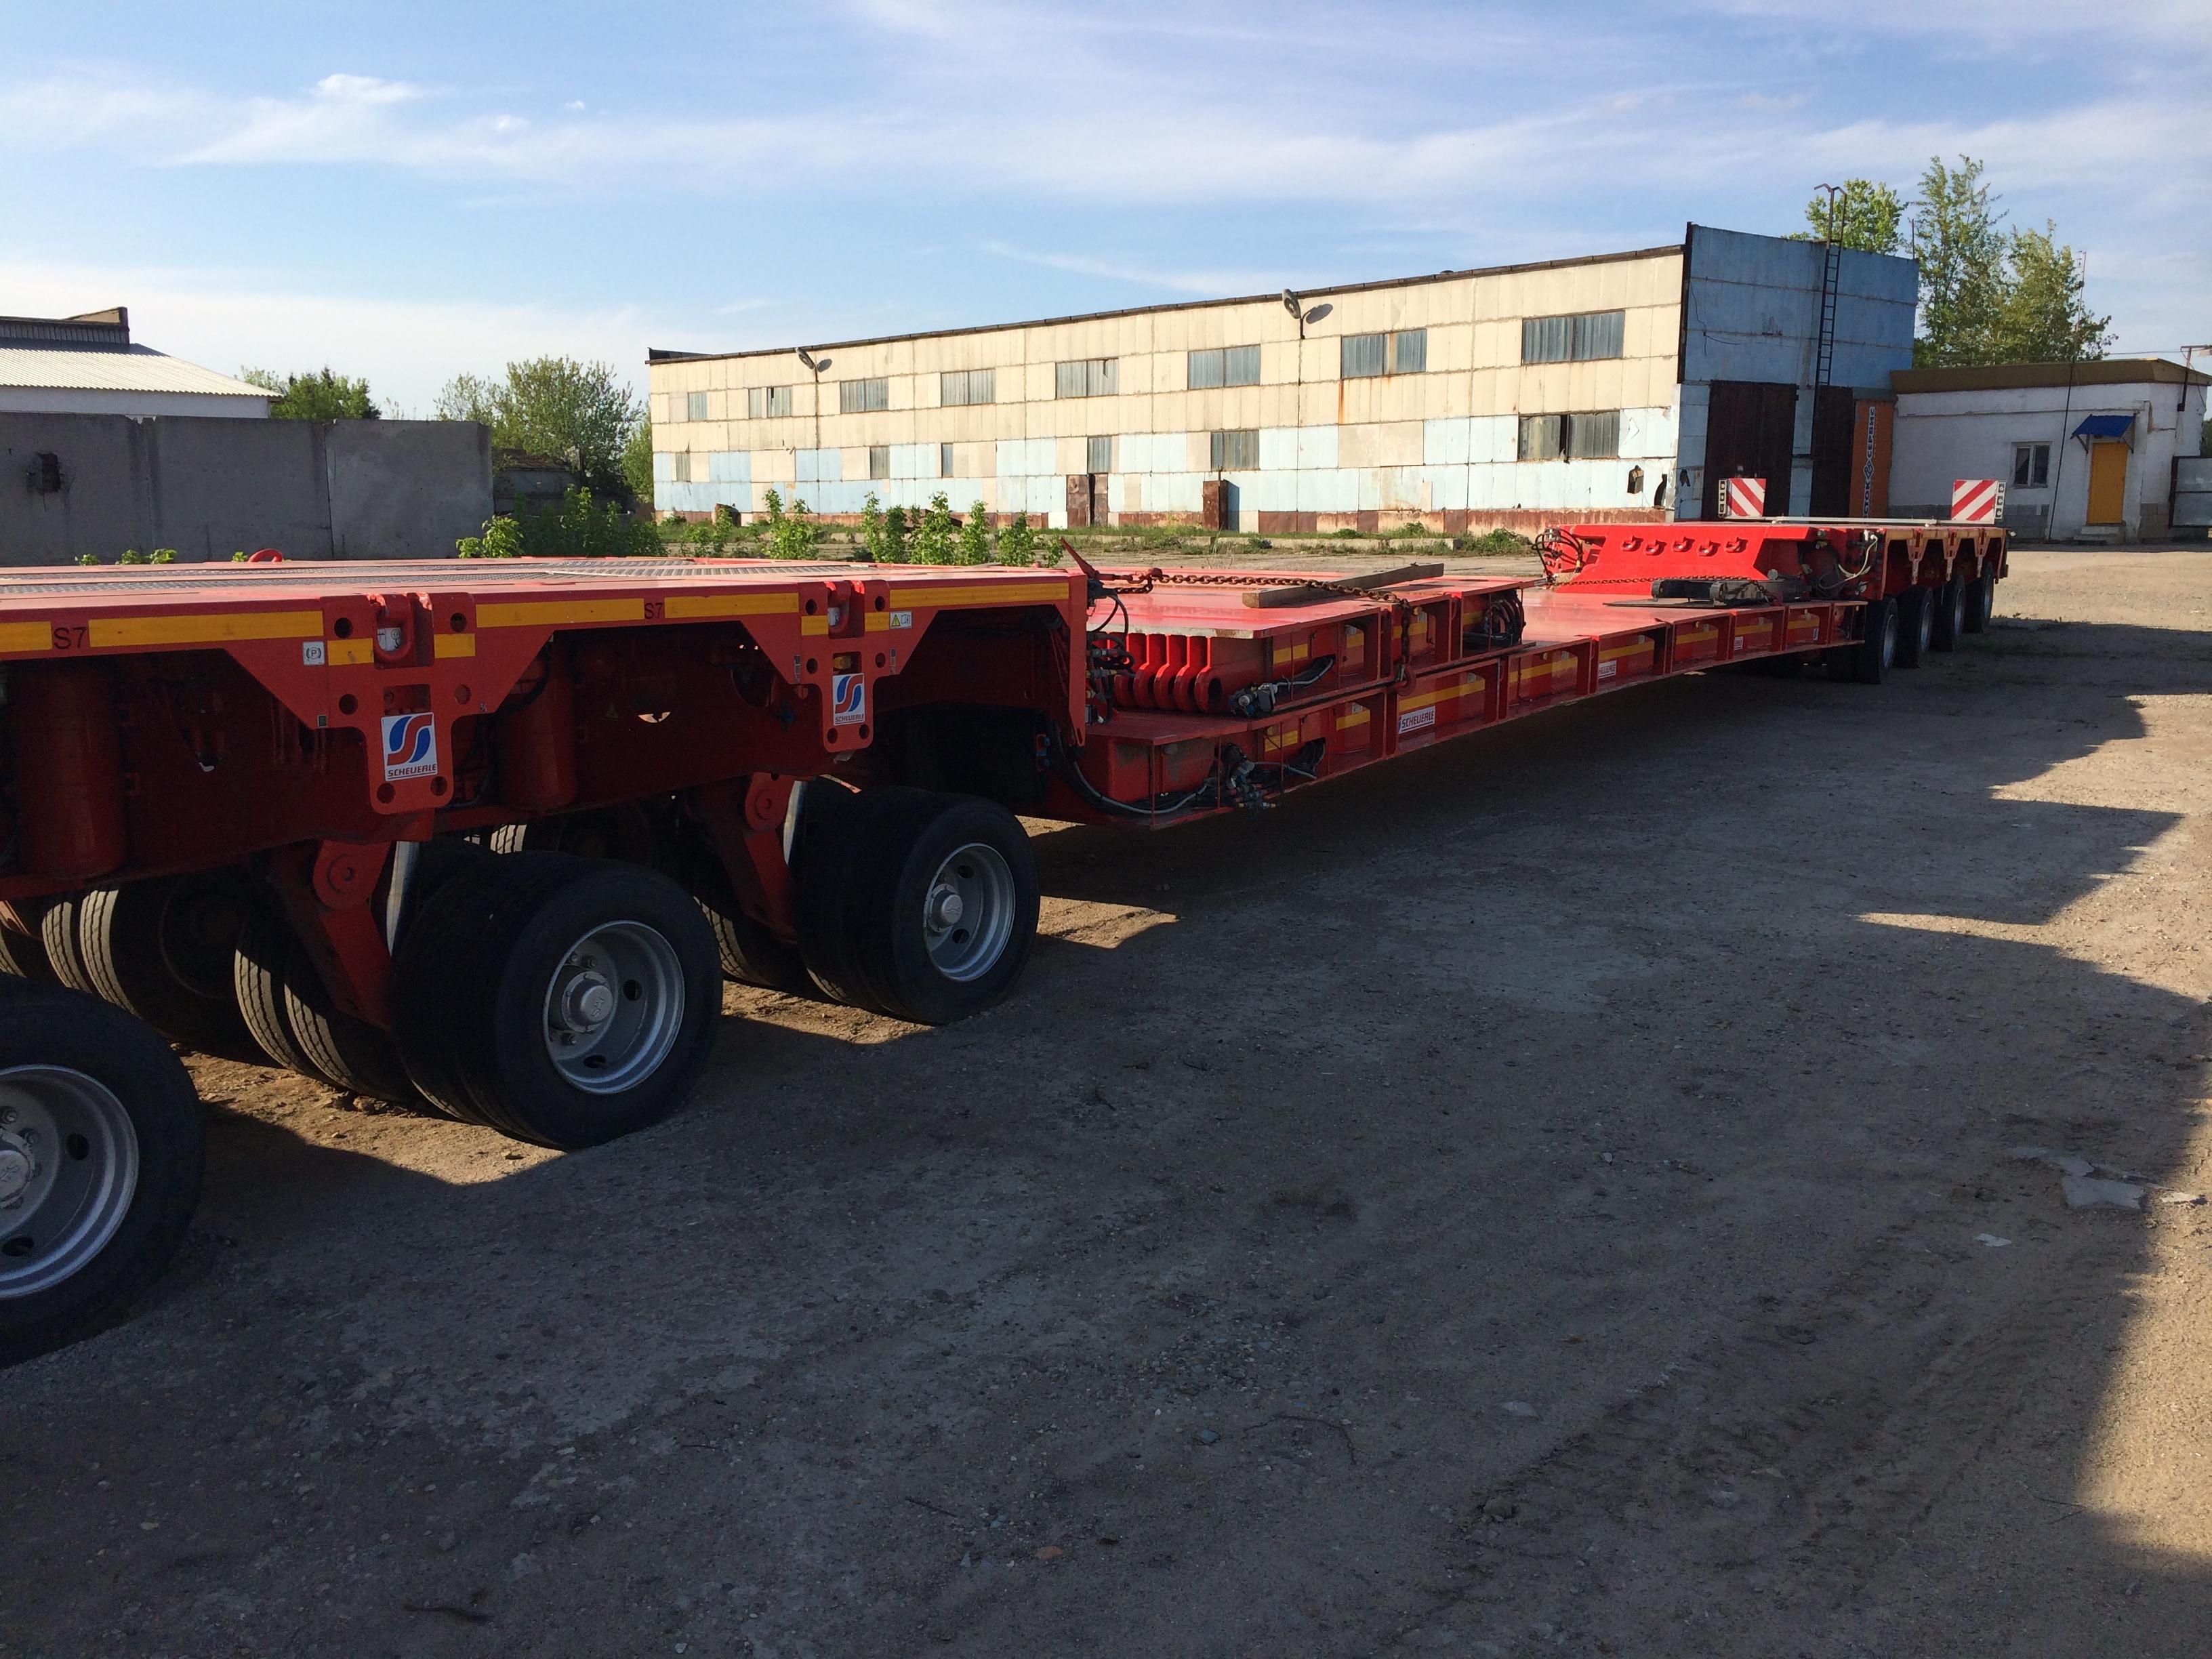 Модульный низкорамный трал 4х4 оси для перевозки грузов